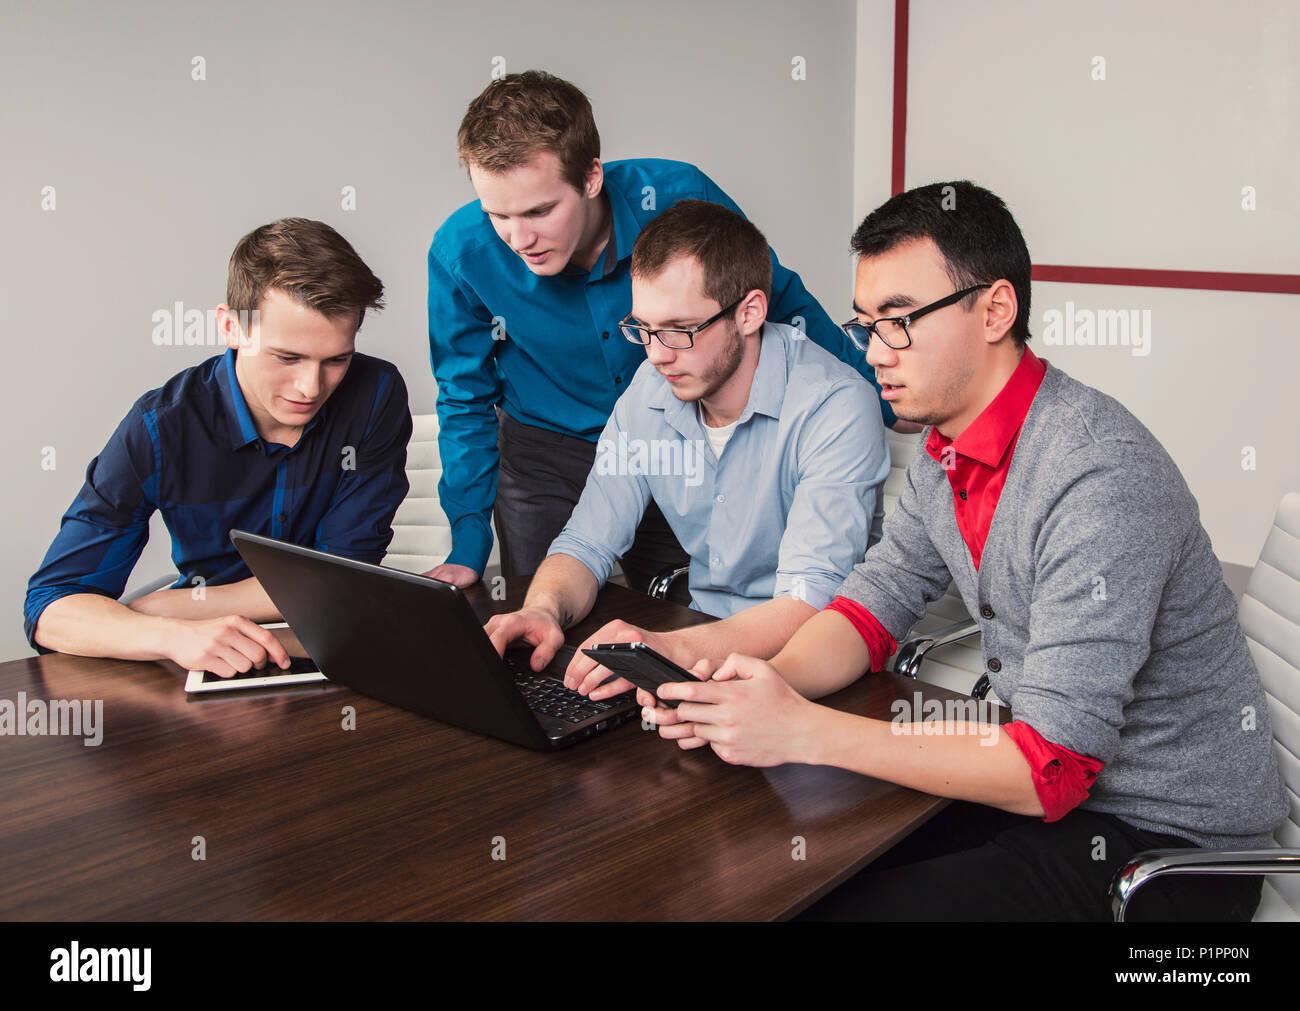 Los hombres jóvenes que son profesionales milenario trabajando juntos en una sala de conferencias en un negocio moderno de alta tecnología Imagen De Stock